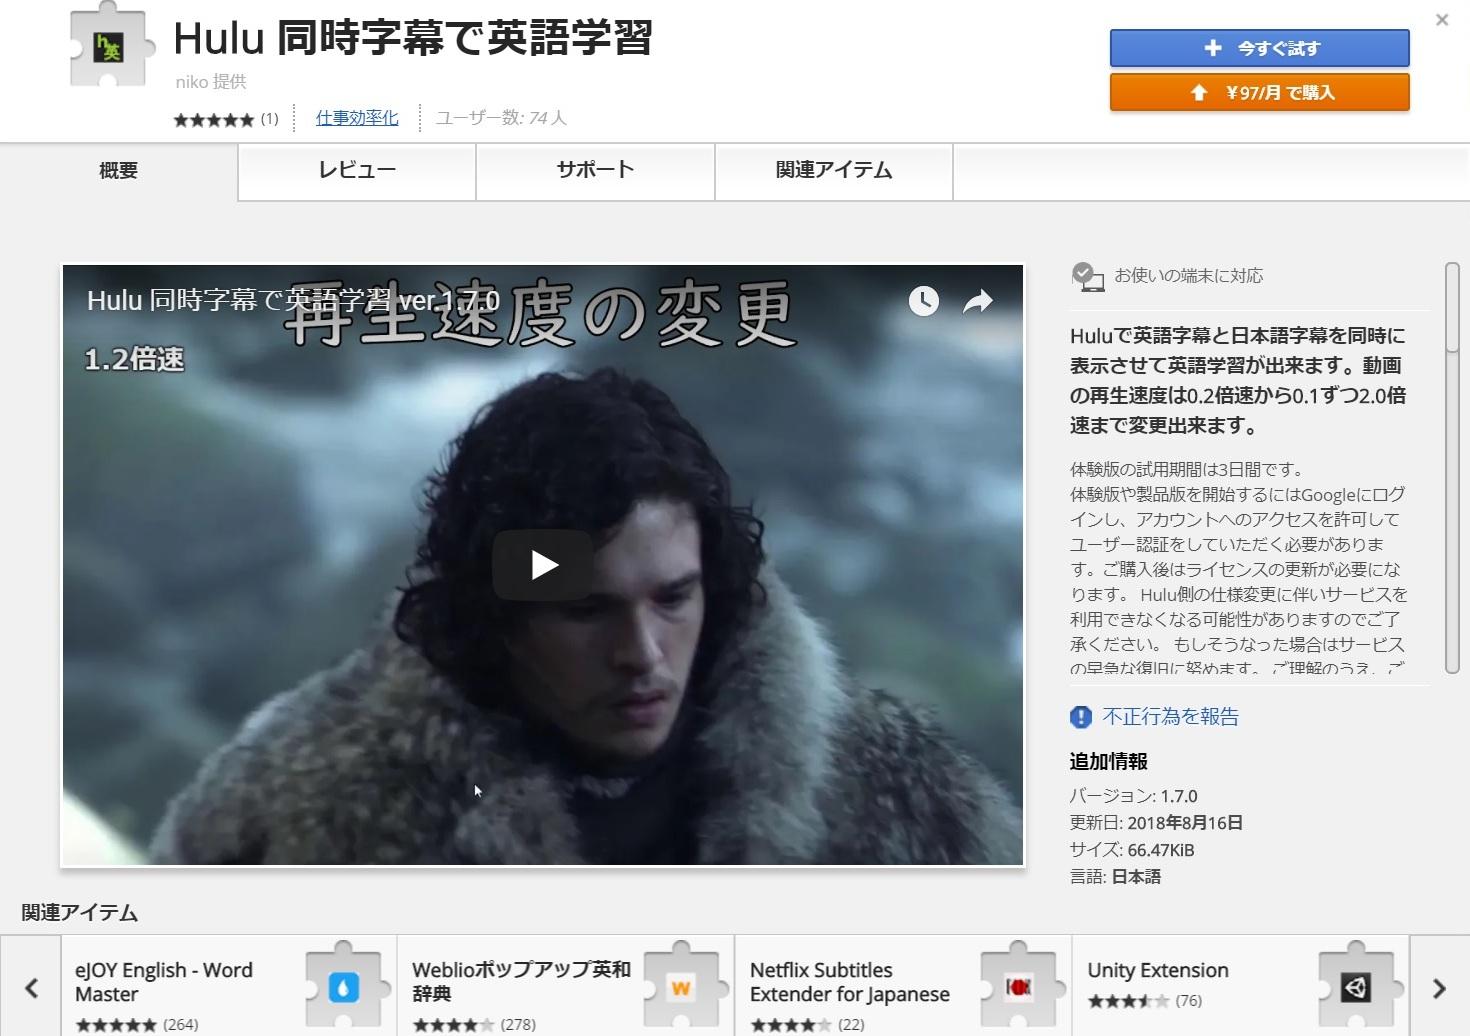 洋画、海外ドラマでのリスニング学習に最適。NetflixやHuluで英語字幕日本語字幕を同時に表示できるクローム拡張機能